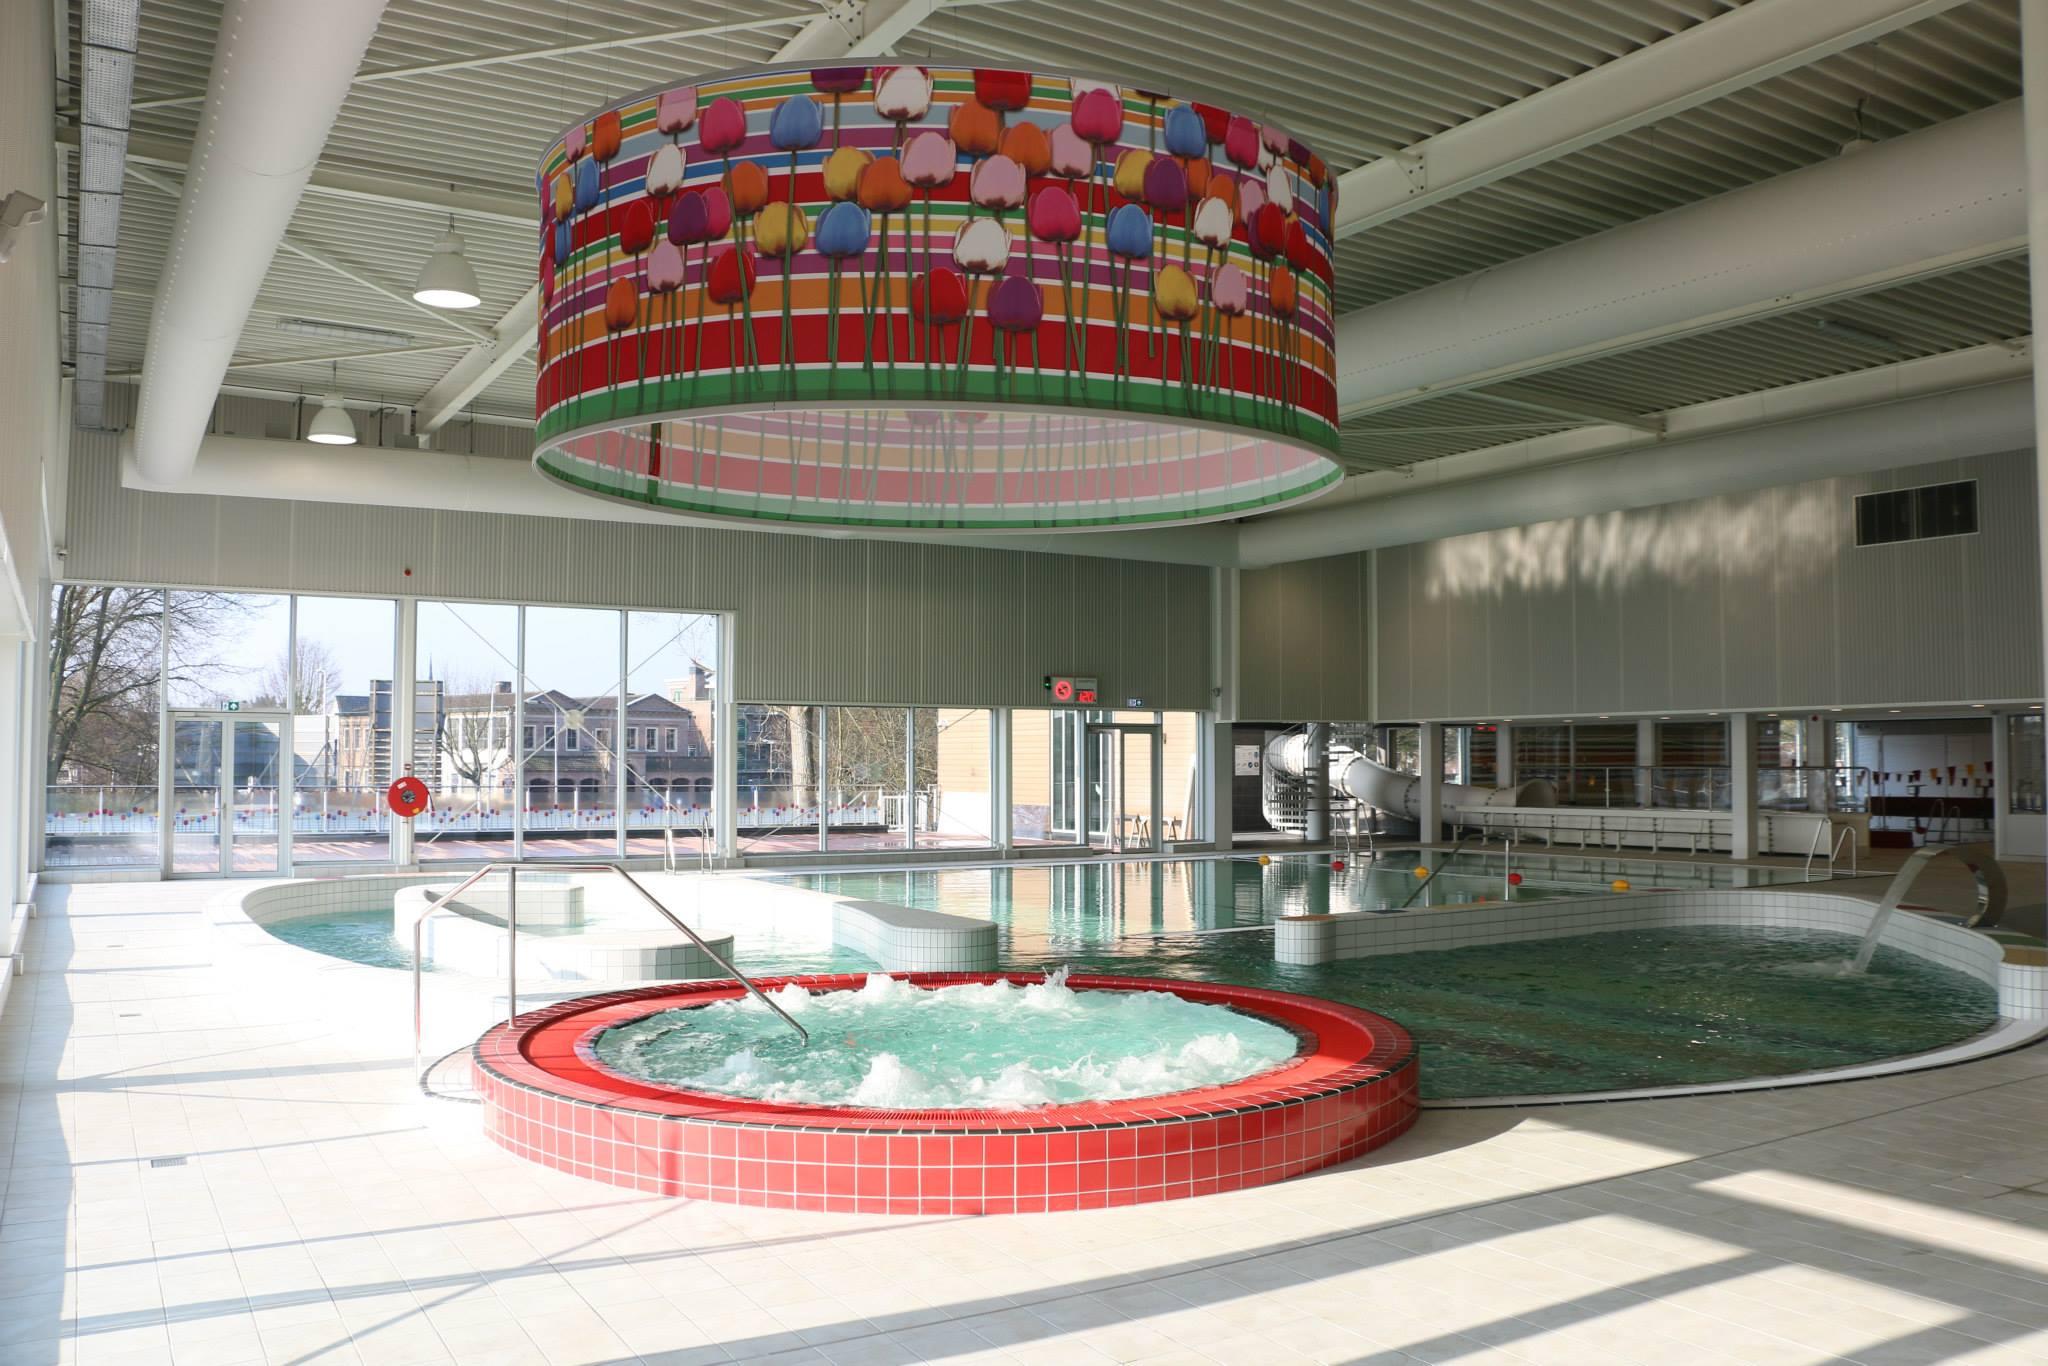 zwembad de waterkanten lisse 2